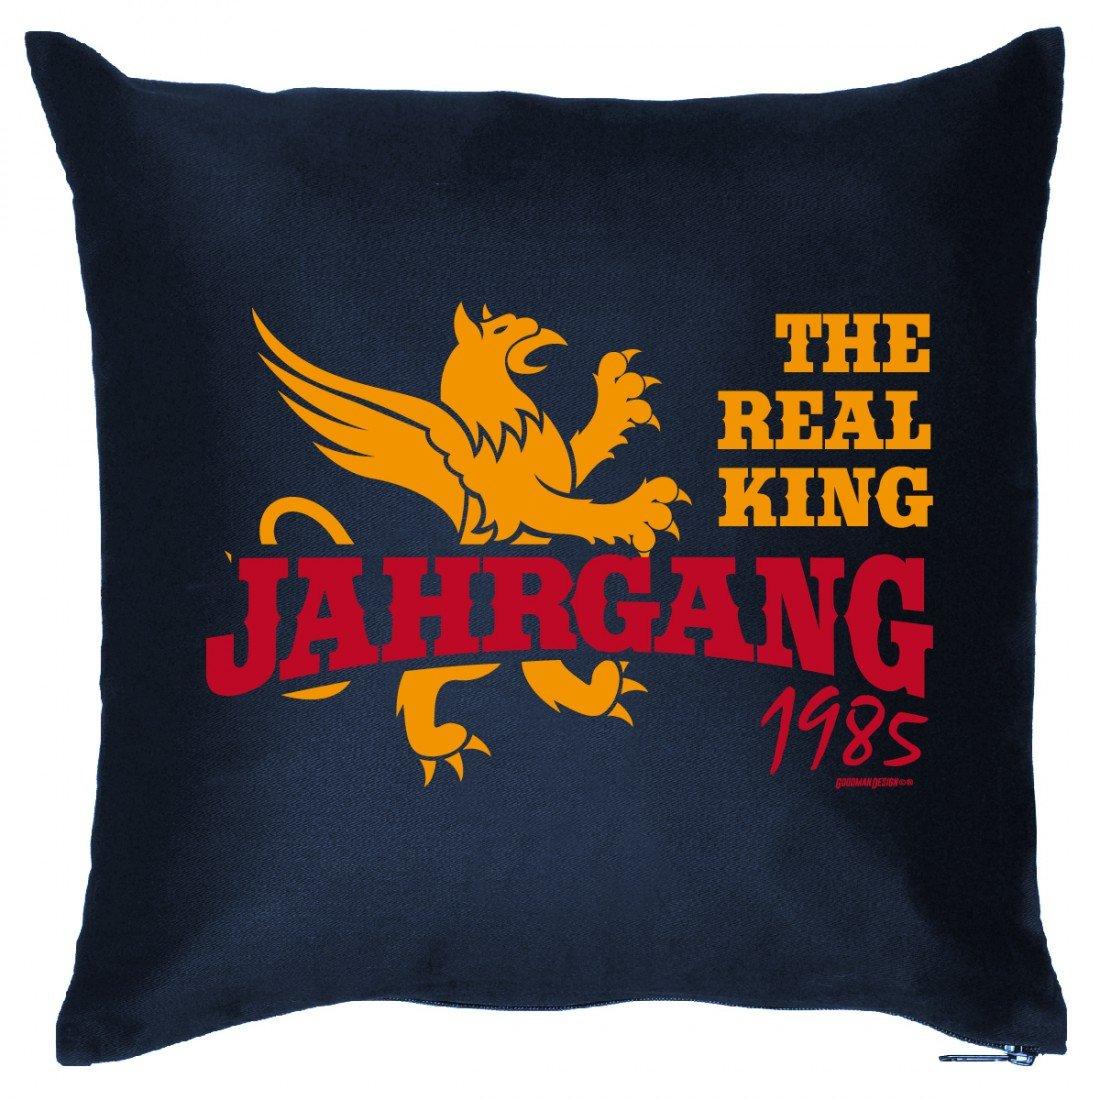 Couch Kissen mit Jahrgang zum Geburtstag - The real King Jahrgang 1985 - Sofakissen Wendekissen mit Spruch und Humor